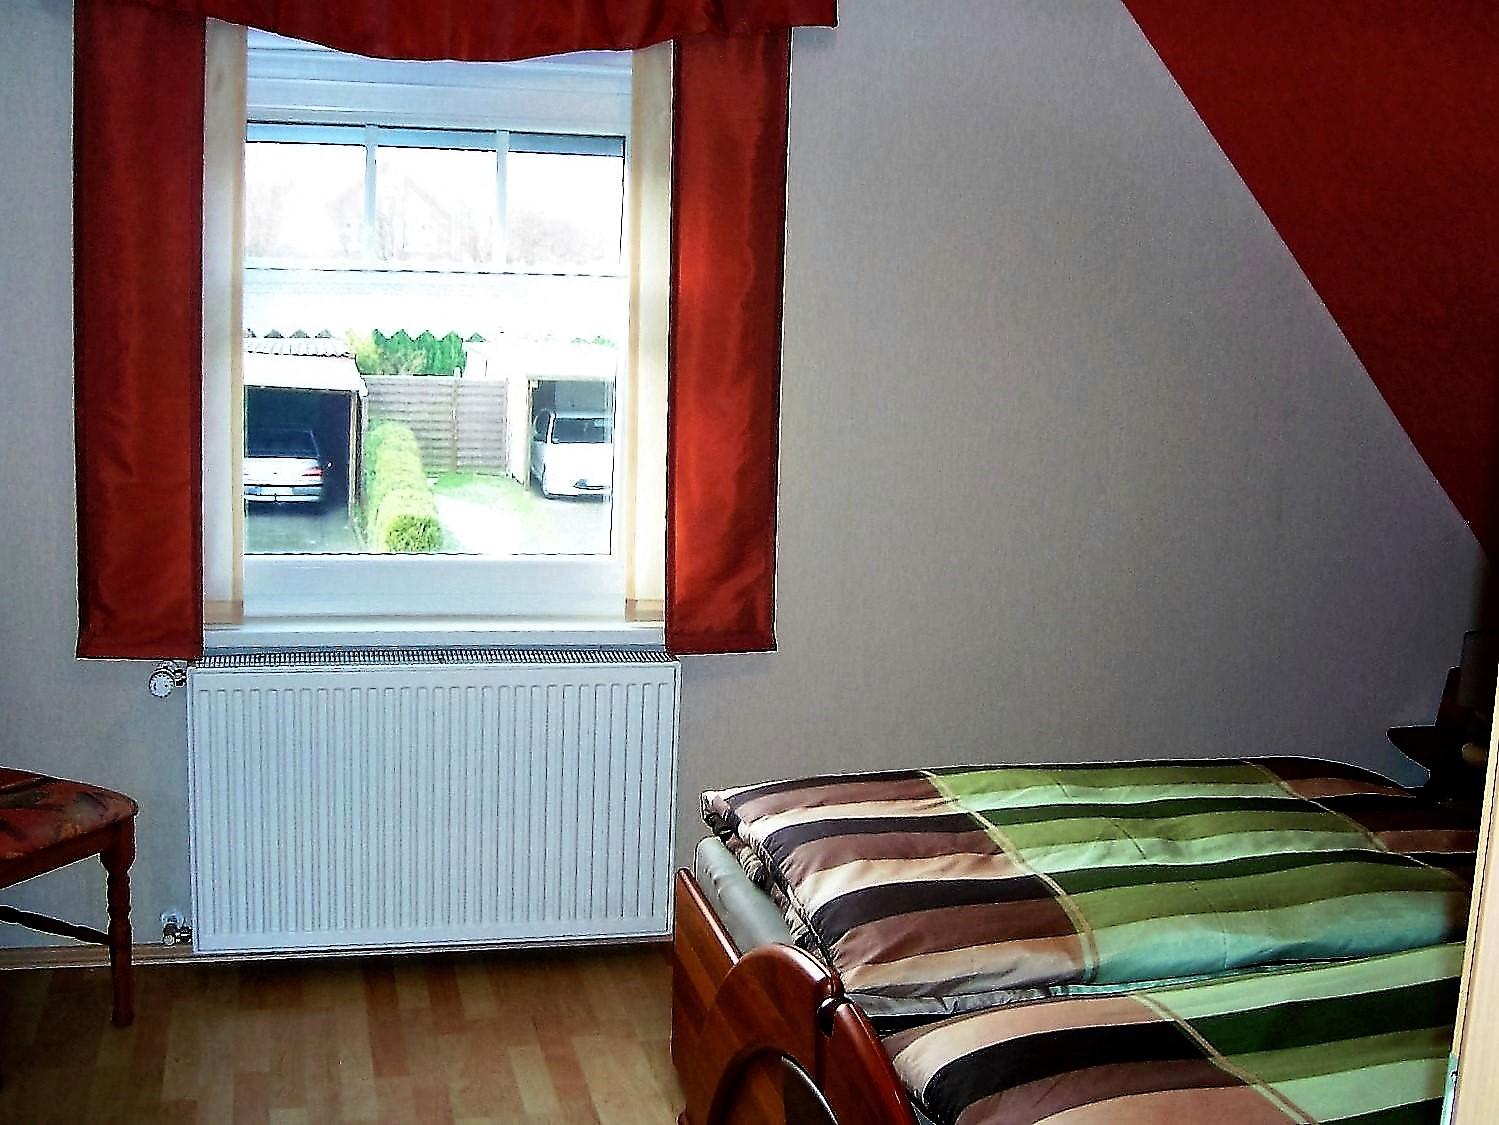 Foto vom Schlafzimmerfenster